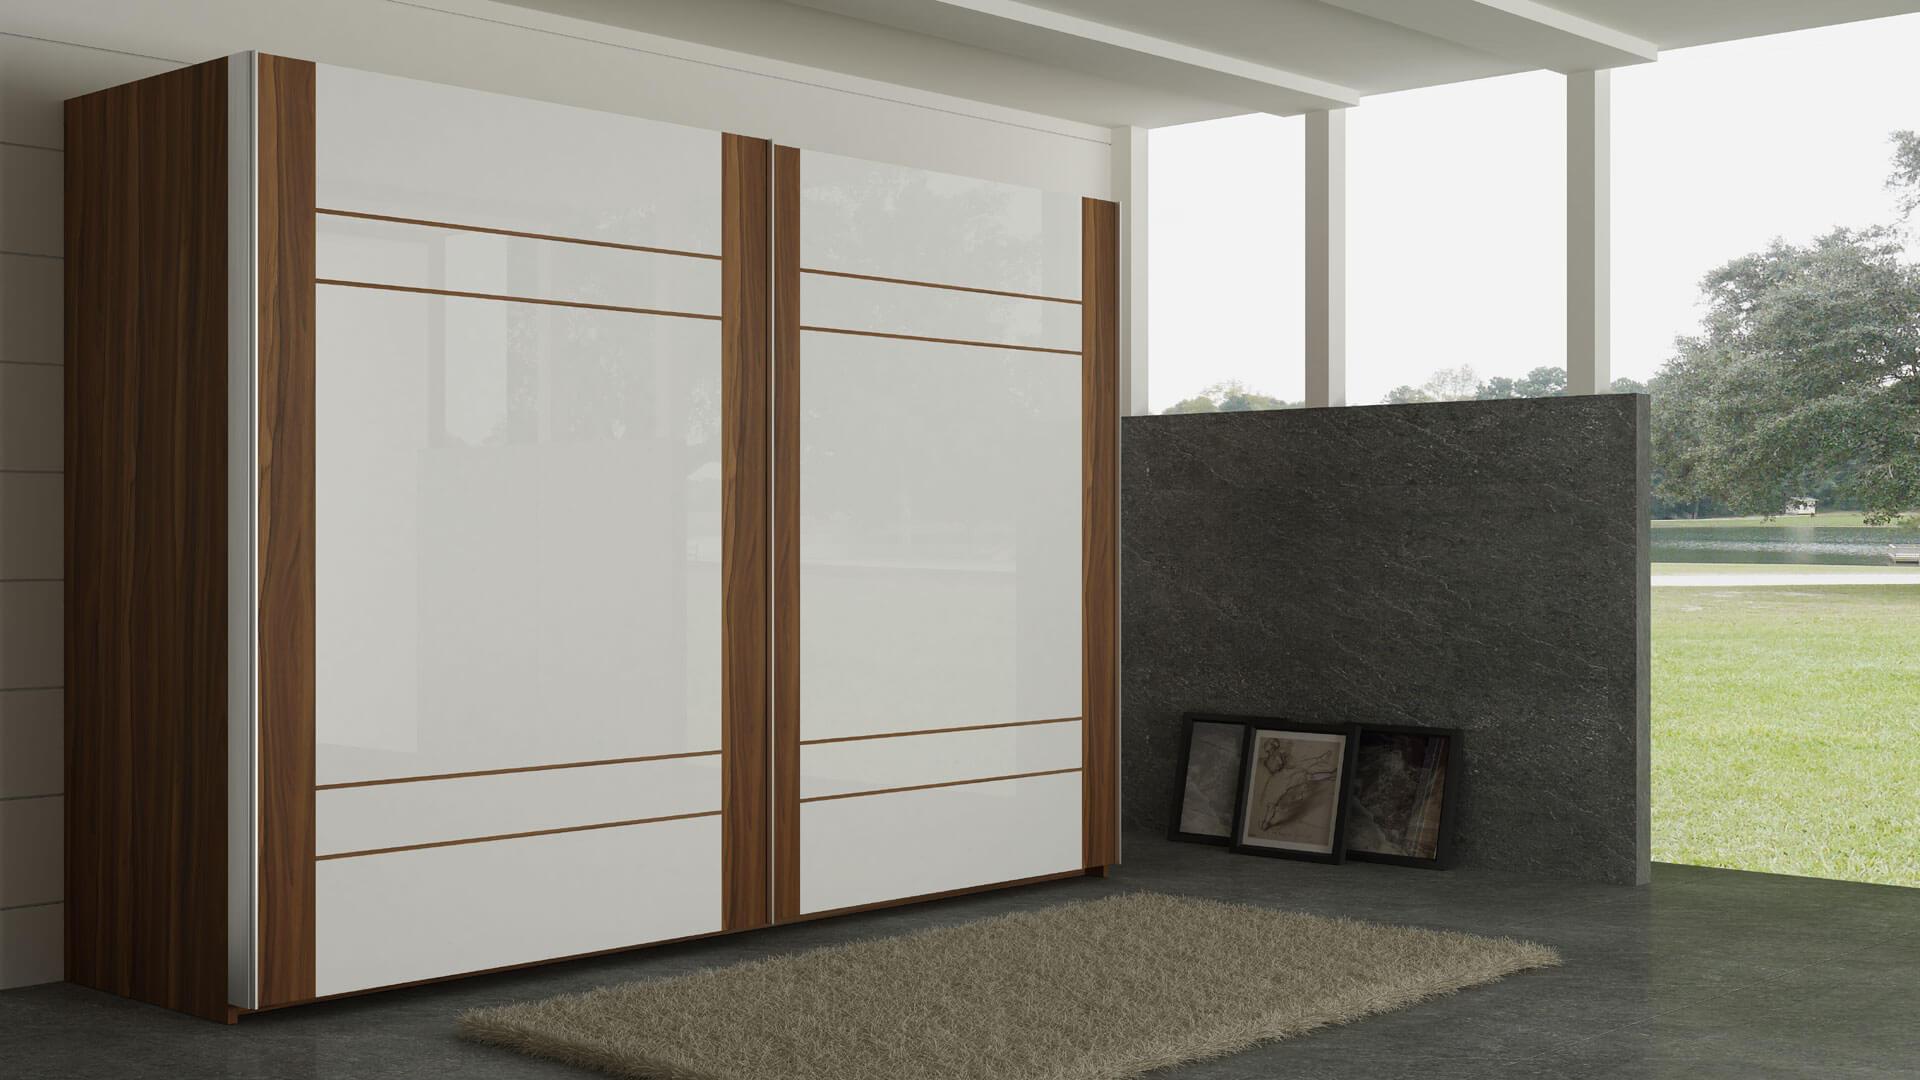 Arancia Kuchen Design: Italian, European Modern Kitchens ...